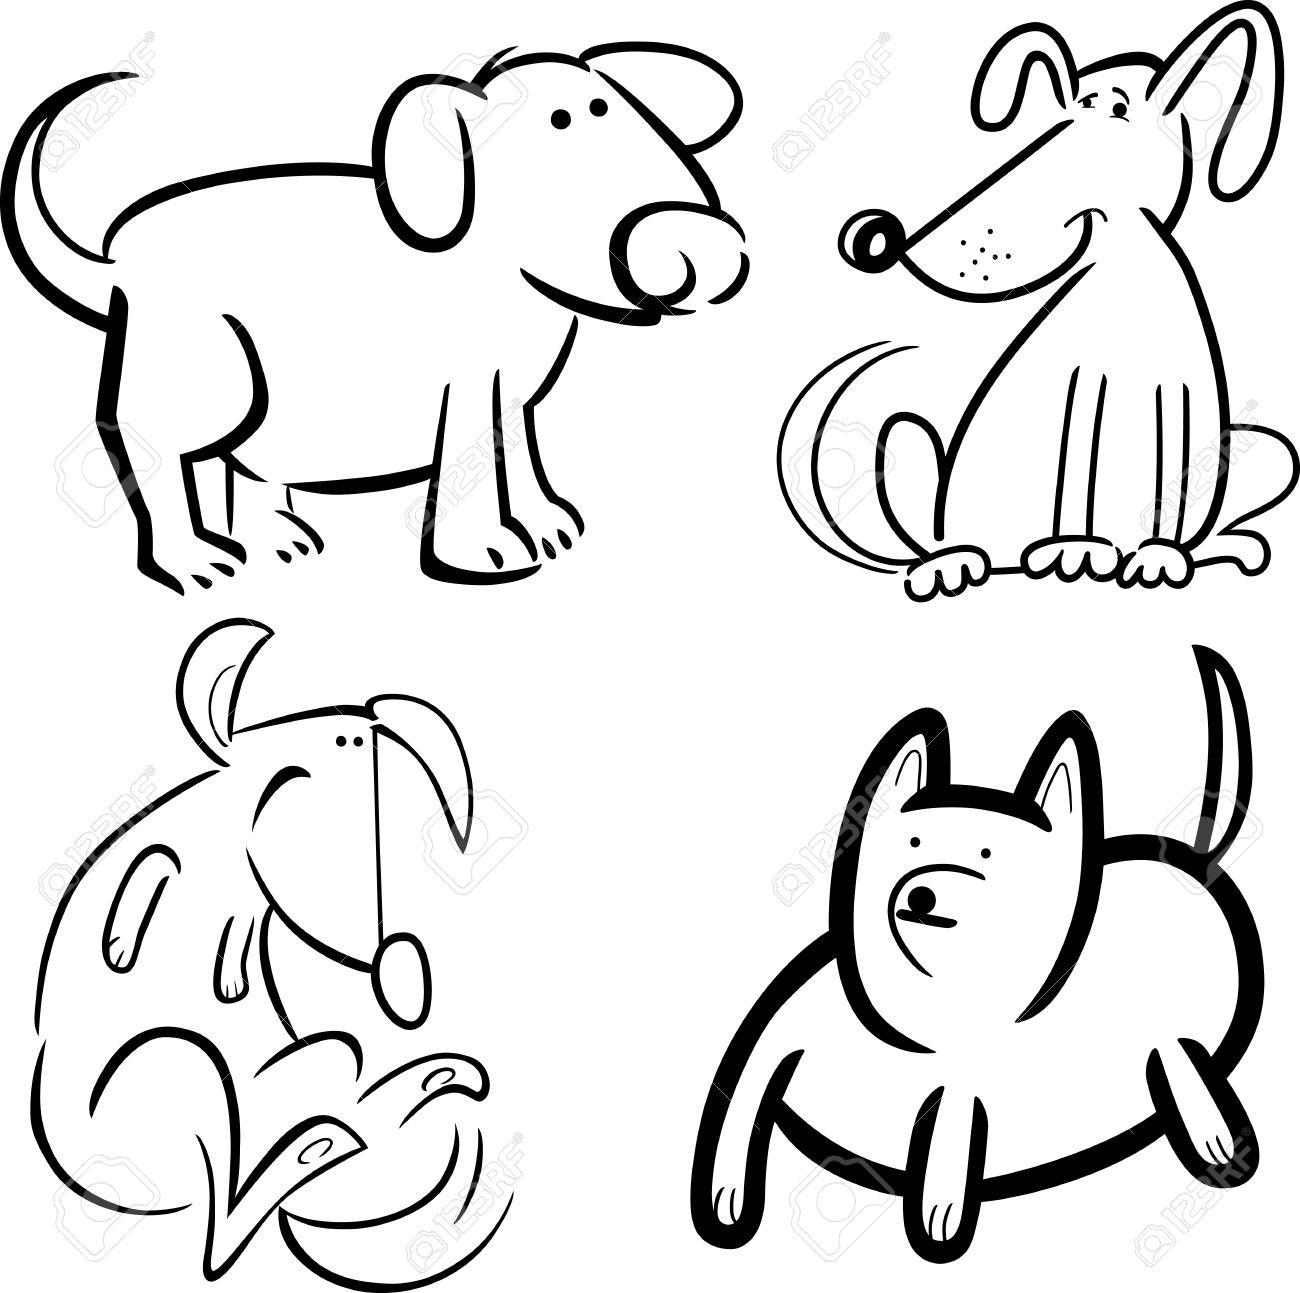 Excelente Colorear Perro Lindo Animales Imagen - Dibujos Para ...